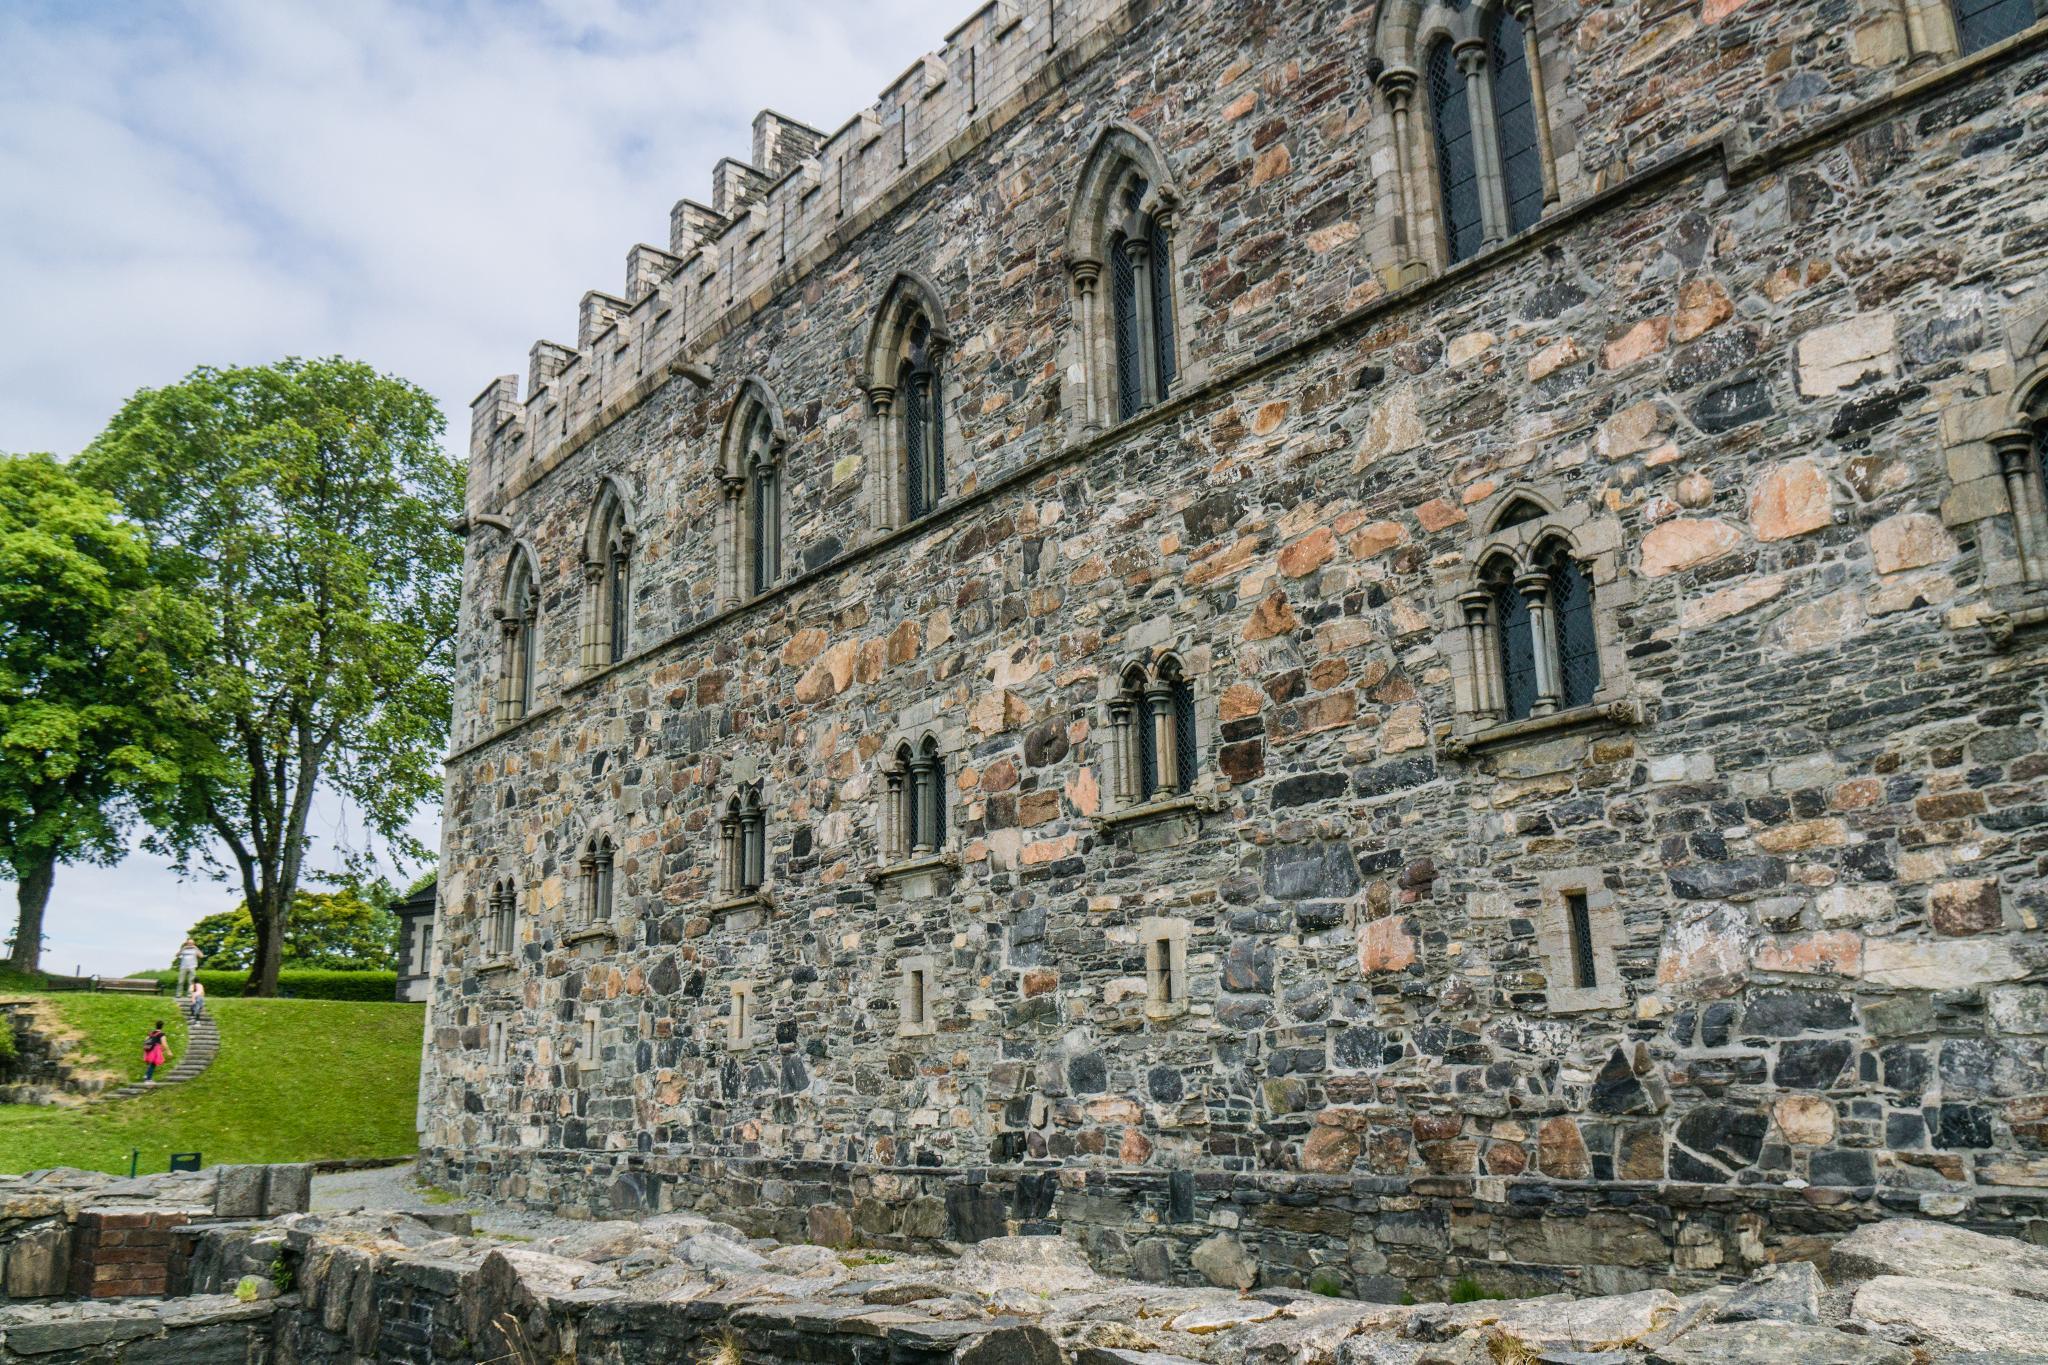 【卑爾根】漫遊卑爾根:卑爾根要塞、哈孔城堡與聖瑪利亞堂 4